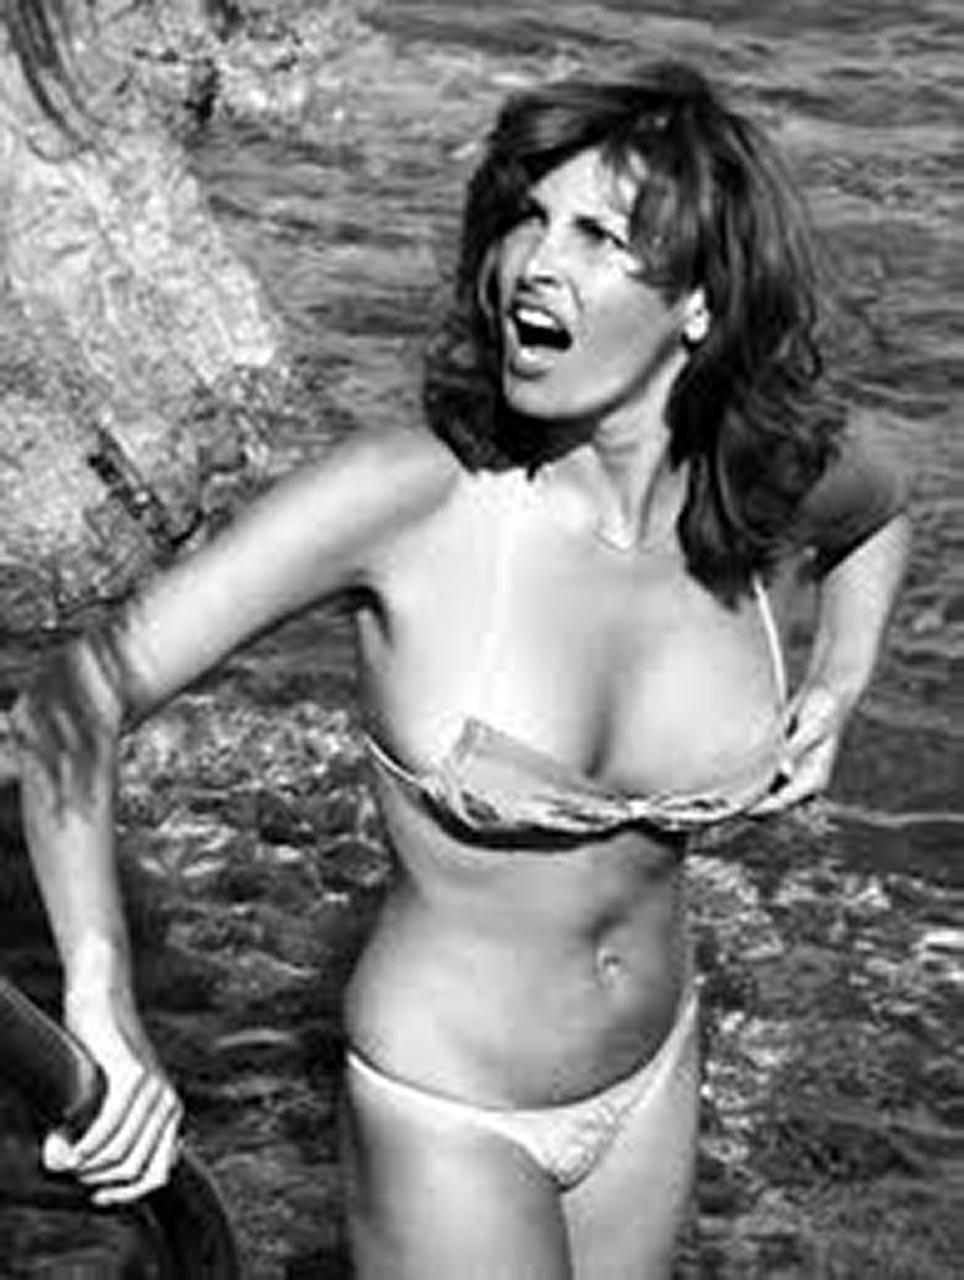 actress nude sex scandal pics